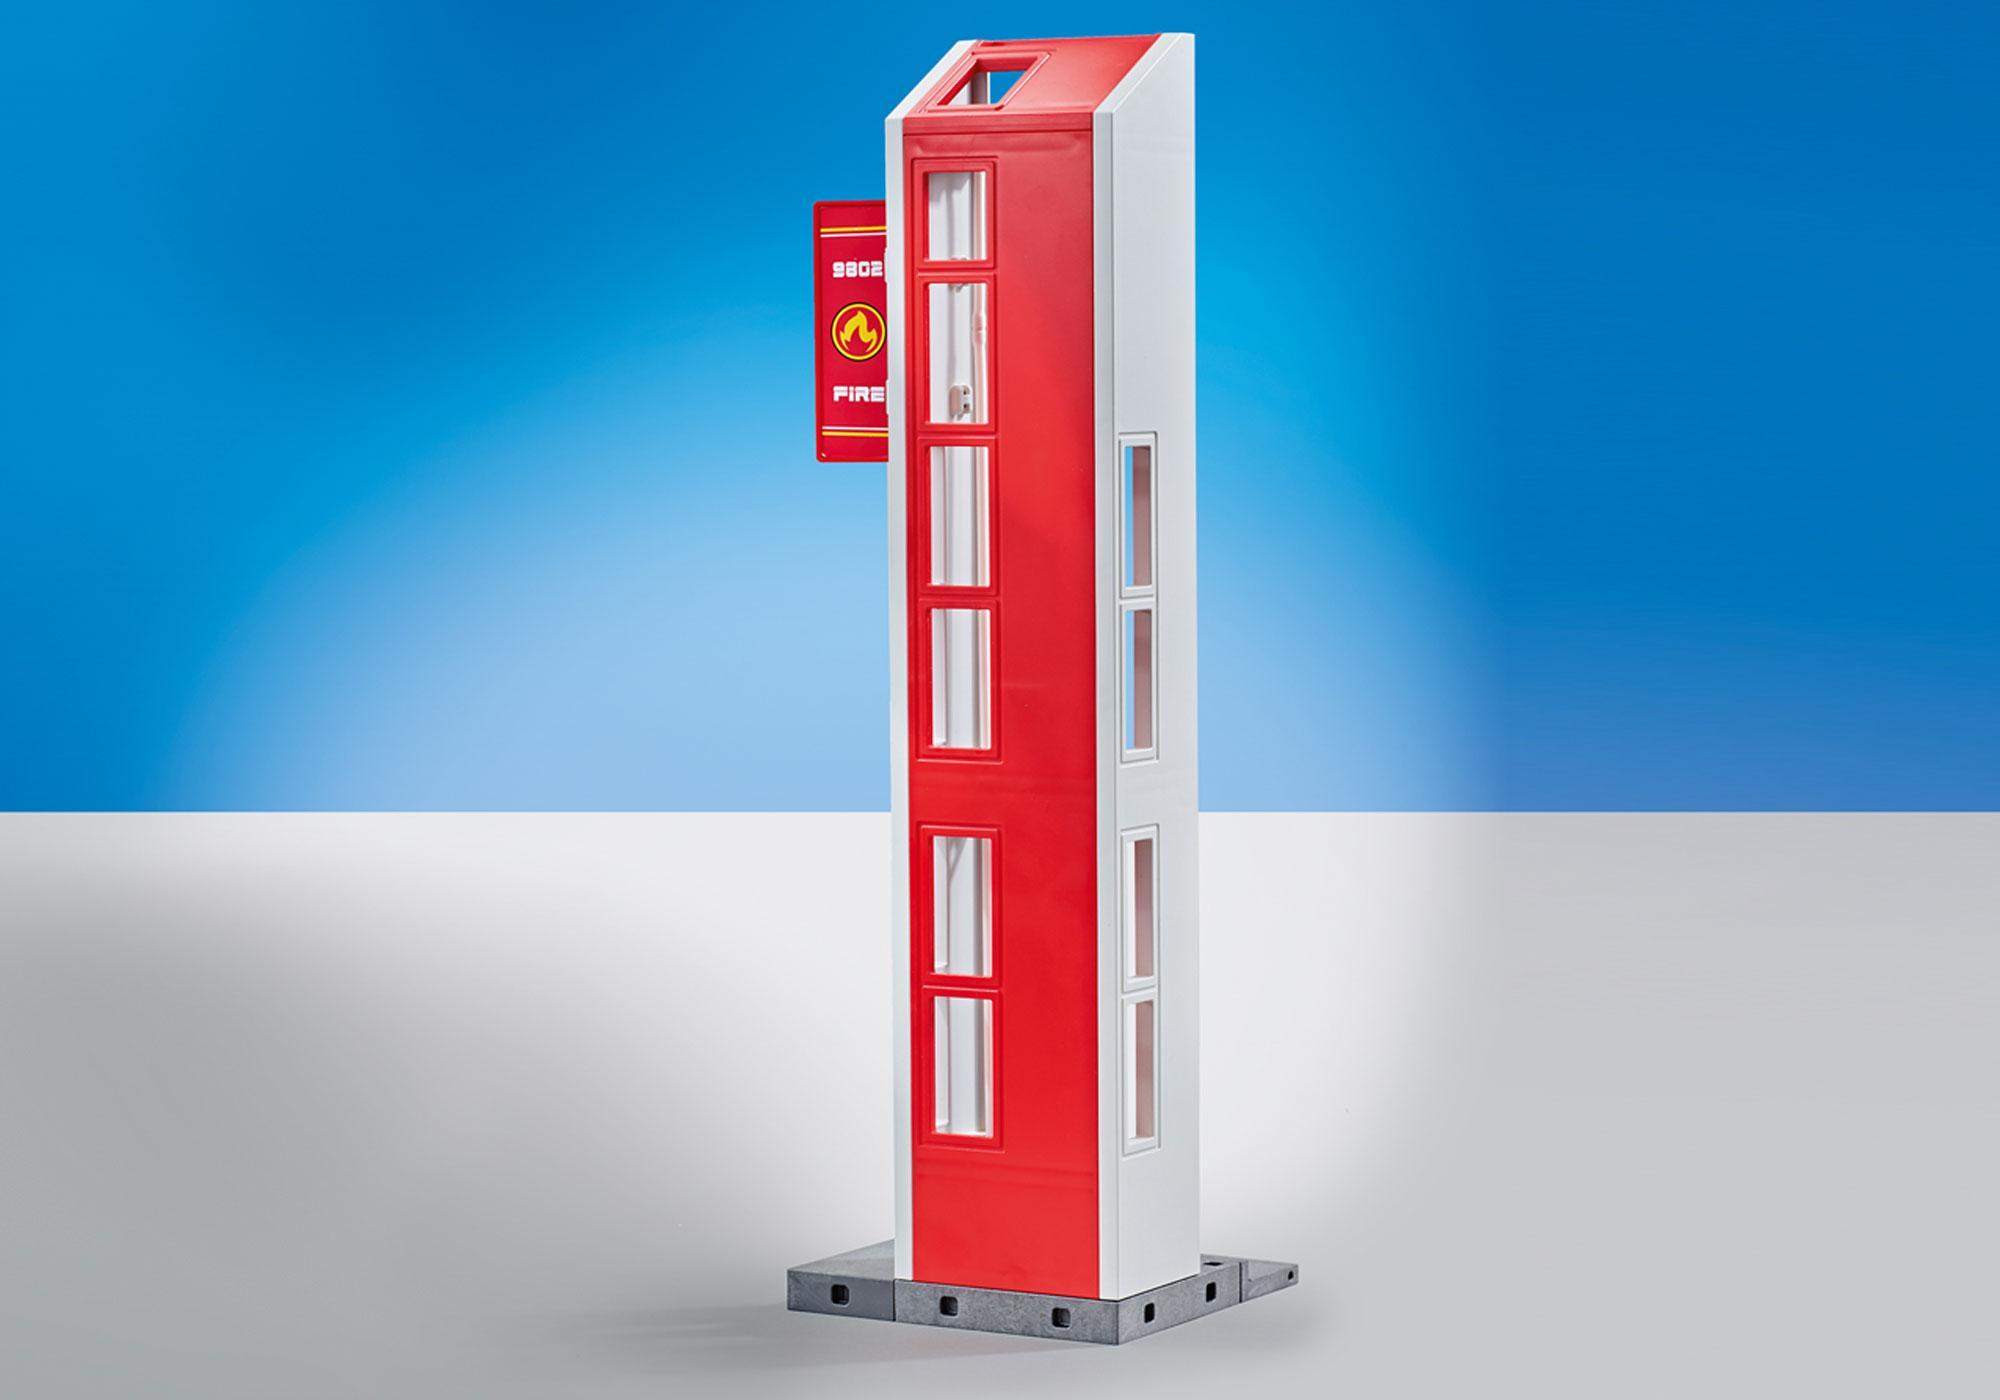 http://media.playmobil.com/i/playmobil/9802_product_detail/Rozbudowa wieży wężowej dla straży pożarnej